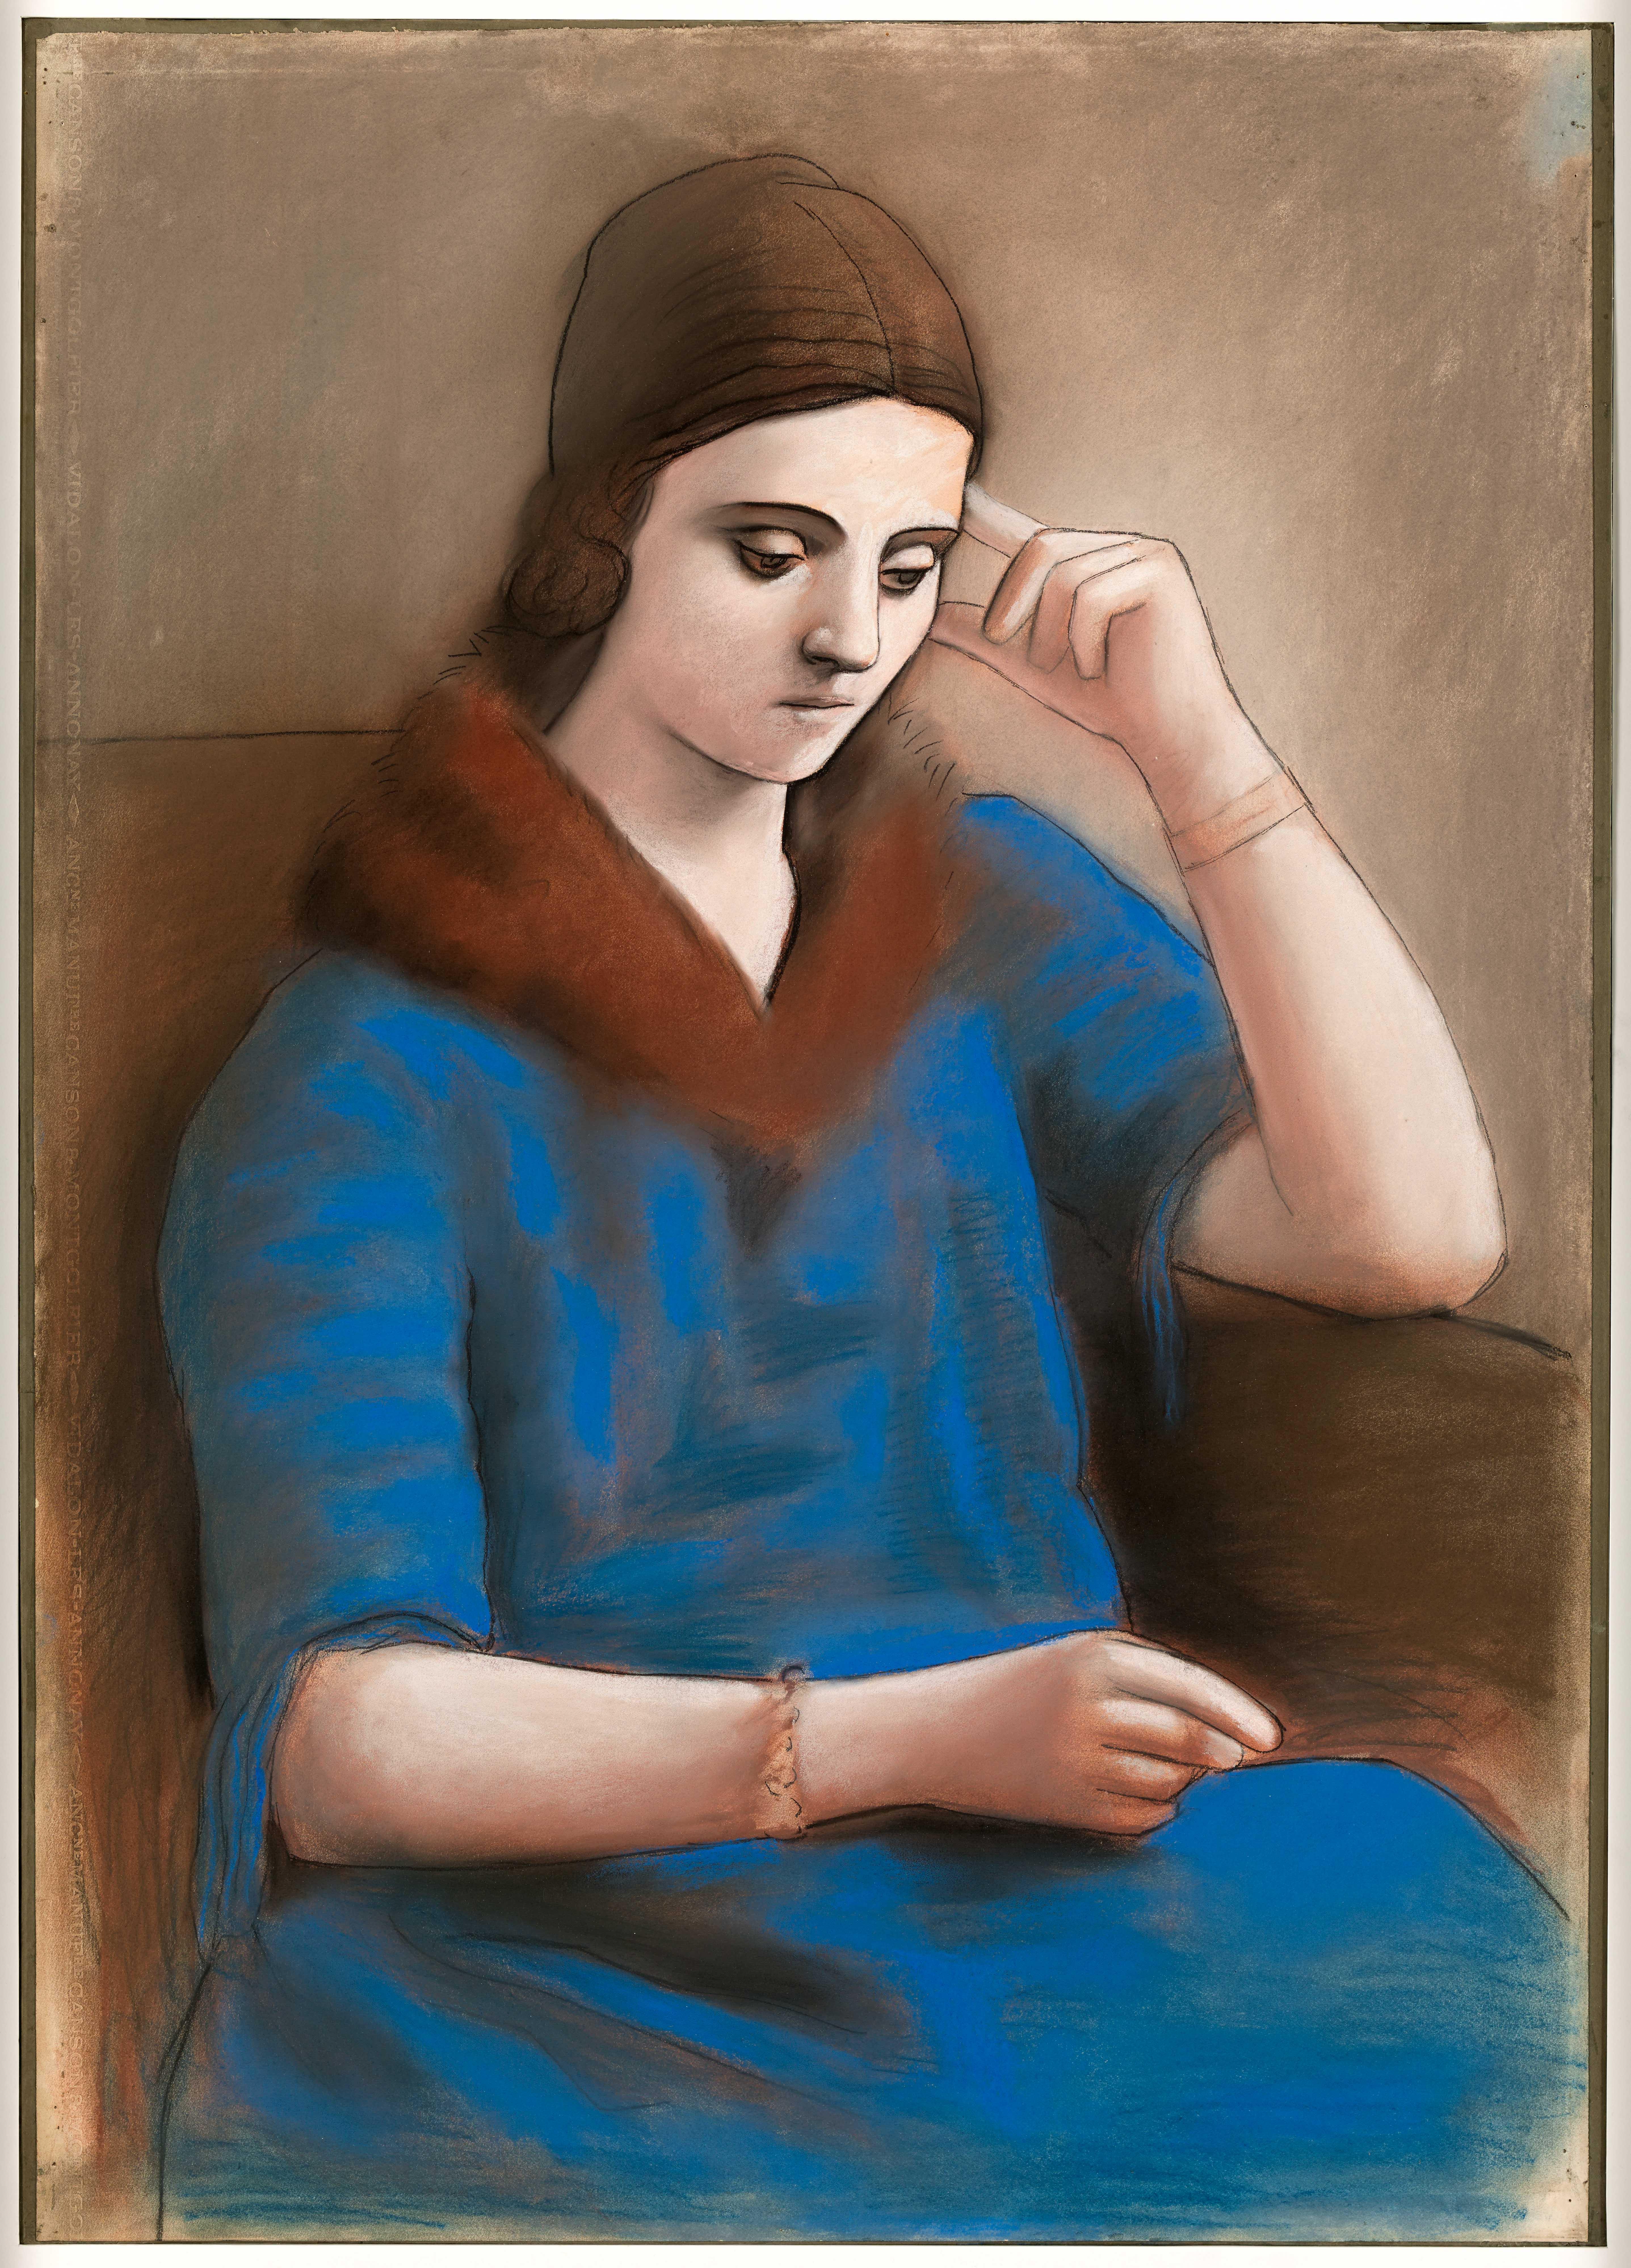 Пабло Пикассо. Задумчивая Ольга. Париж, зима 1923. Национальный музей Пикассо, Париж